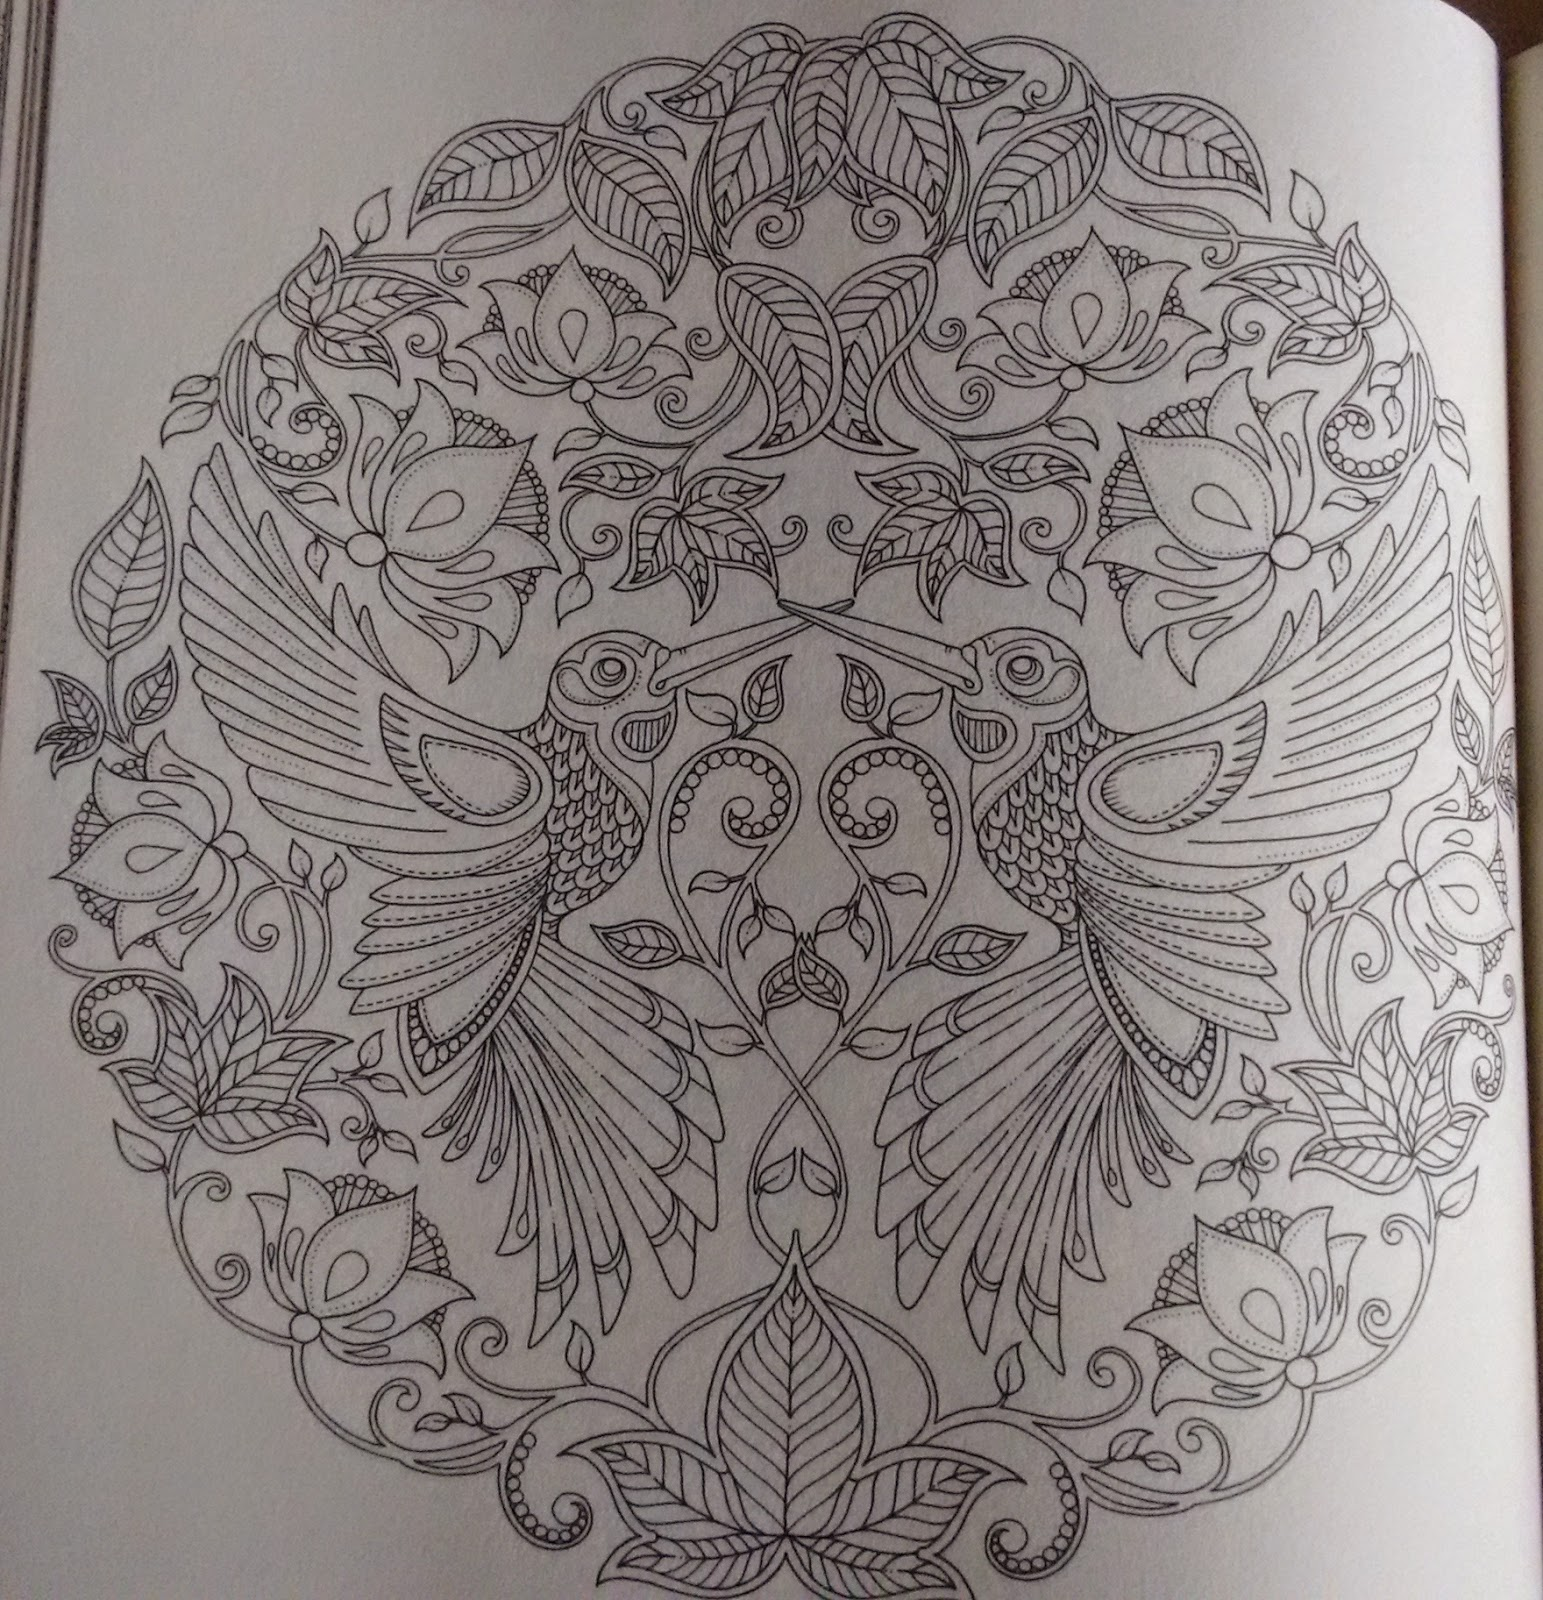 flor azul jardim secreto : flor azul jardim secreto:Como eu tinha comprado a caixa de lápis metálicos da Faber, resolvi